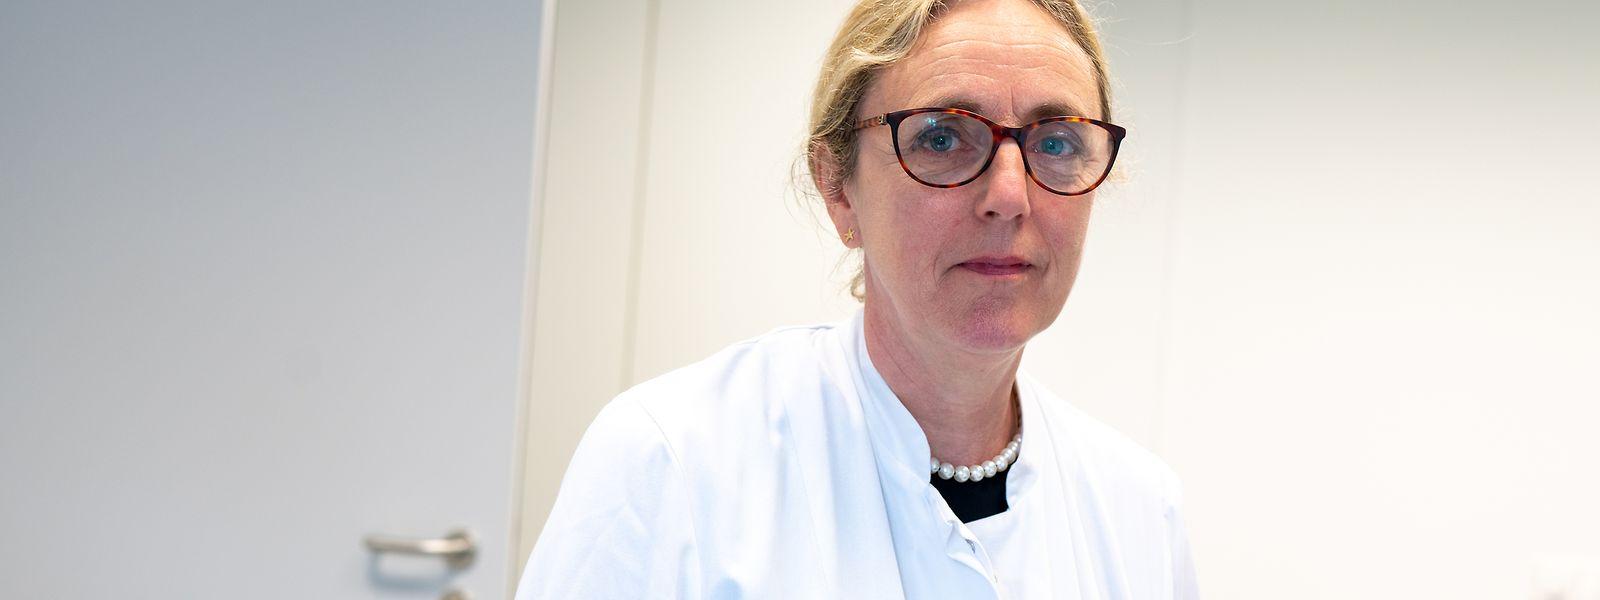 Dr. Thérèse Staub ist die Präsidentin des Conseil supérieur des maladies infectieuses in Luxemburg. Sie spricht sich für eine Impfung der jüngeren Bevölkerung aus. Noch sind die Vakzine aber nicht für Kinder unter zwölf Jahren zugelassen.